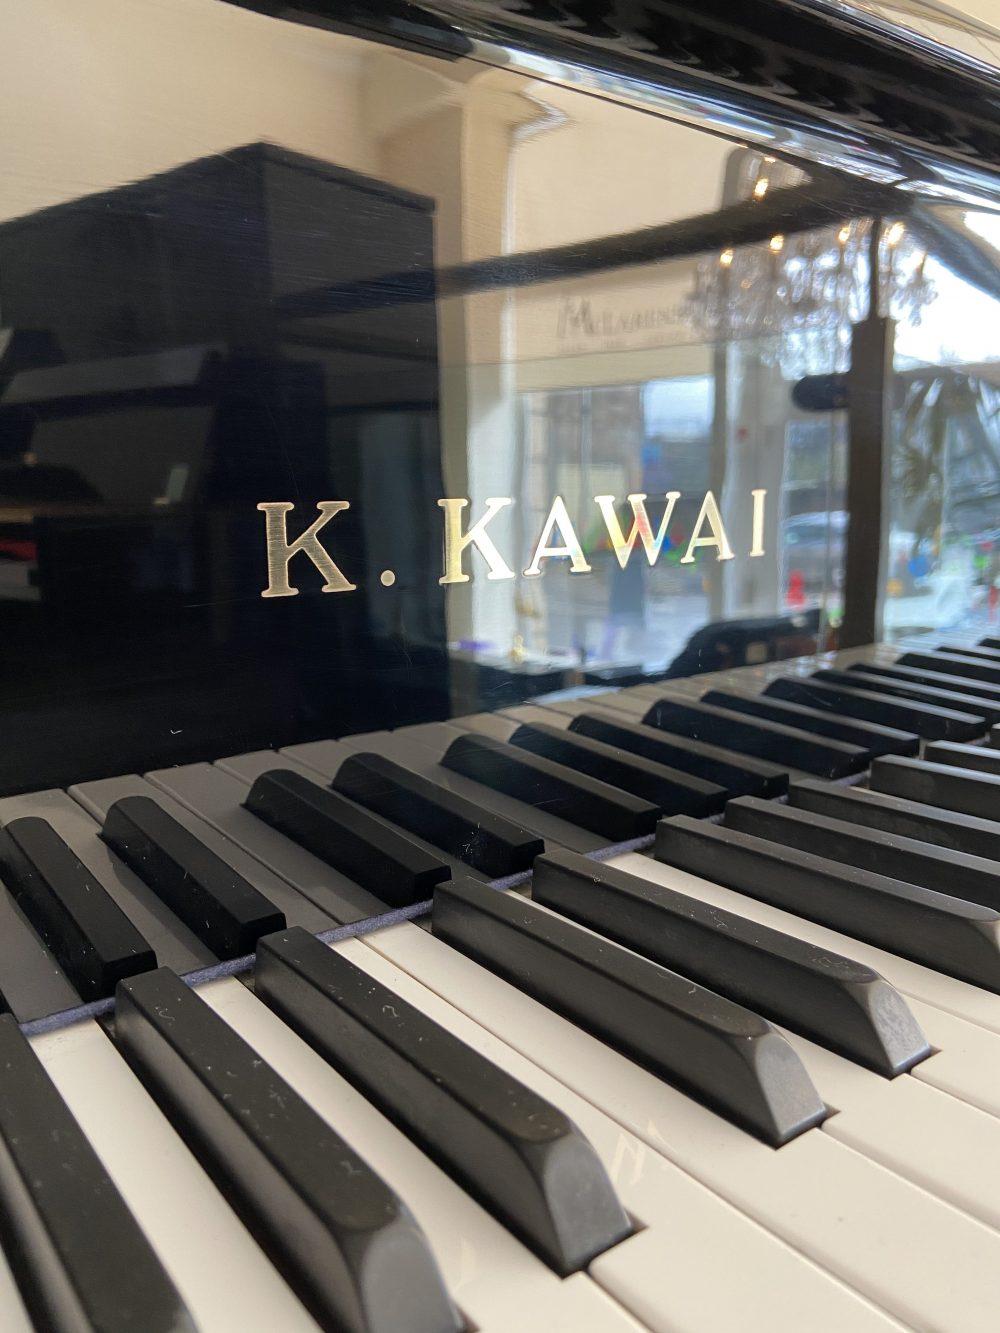 K. Kawai KG-2C